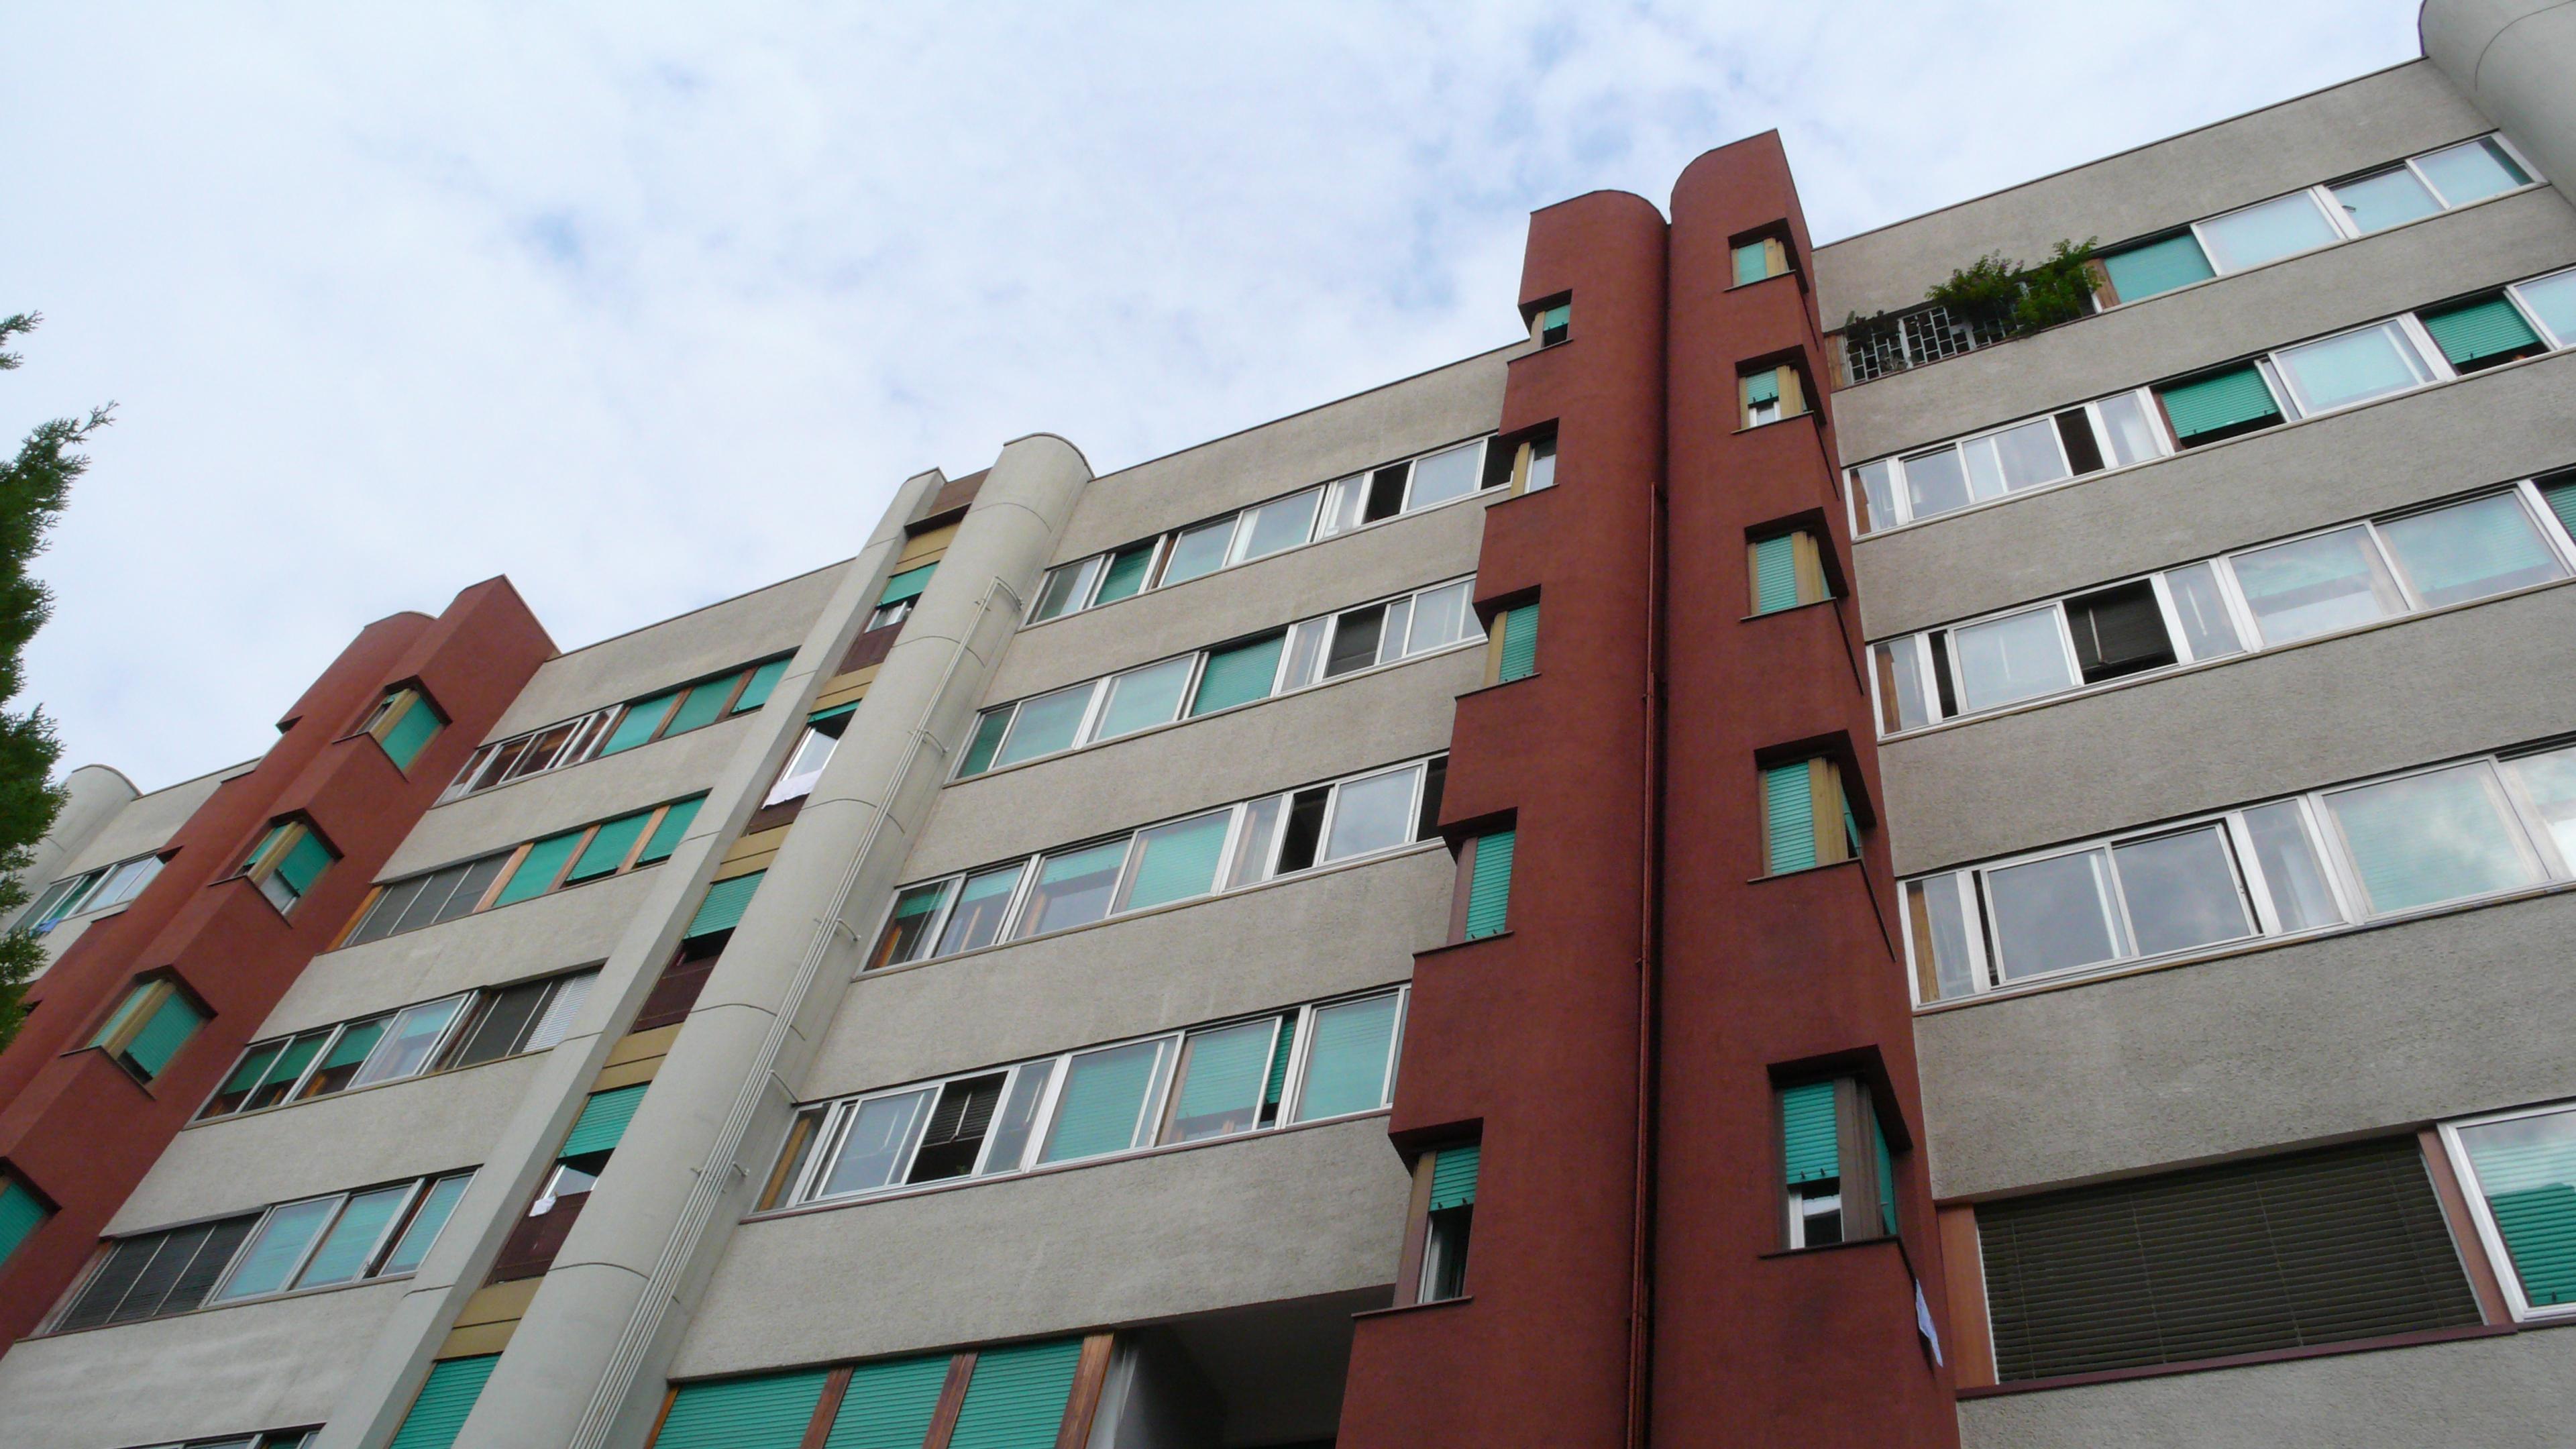 Riqualificazione energetica di edifici condominiali for Mini palazzi